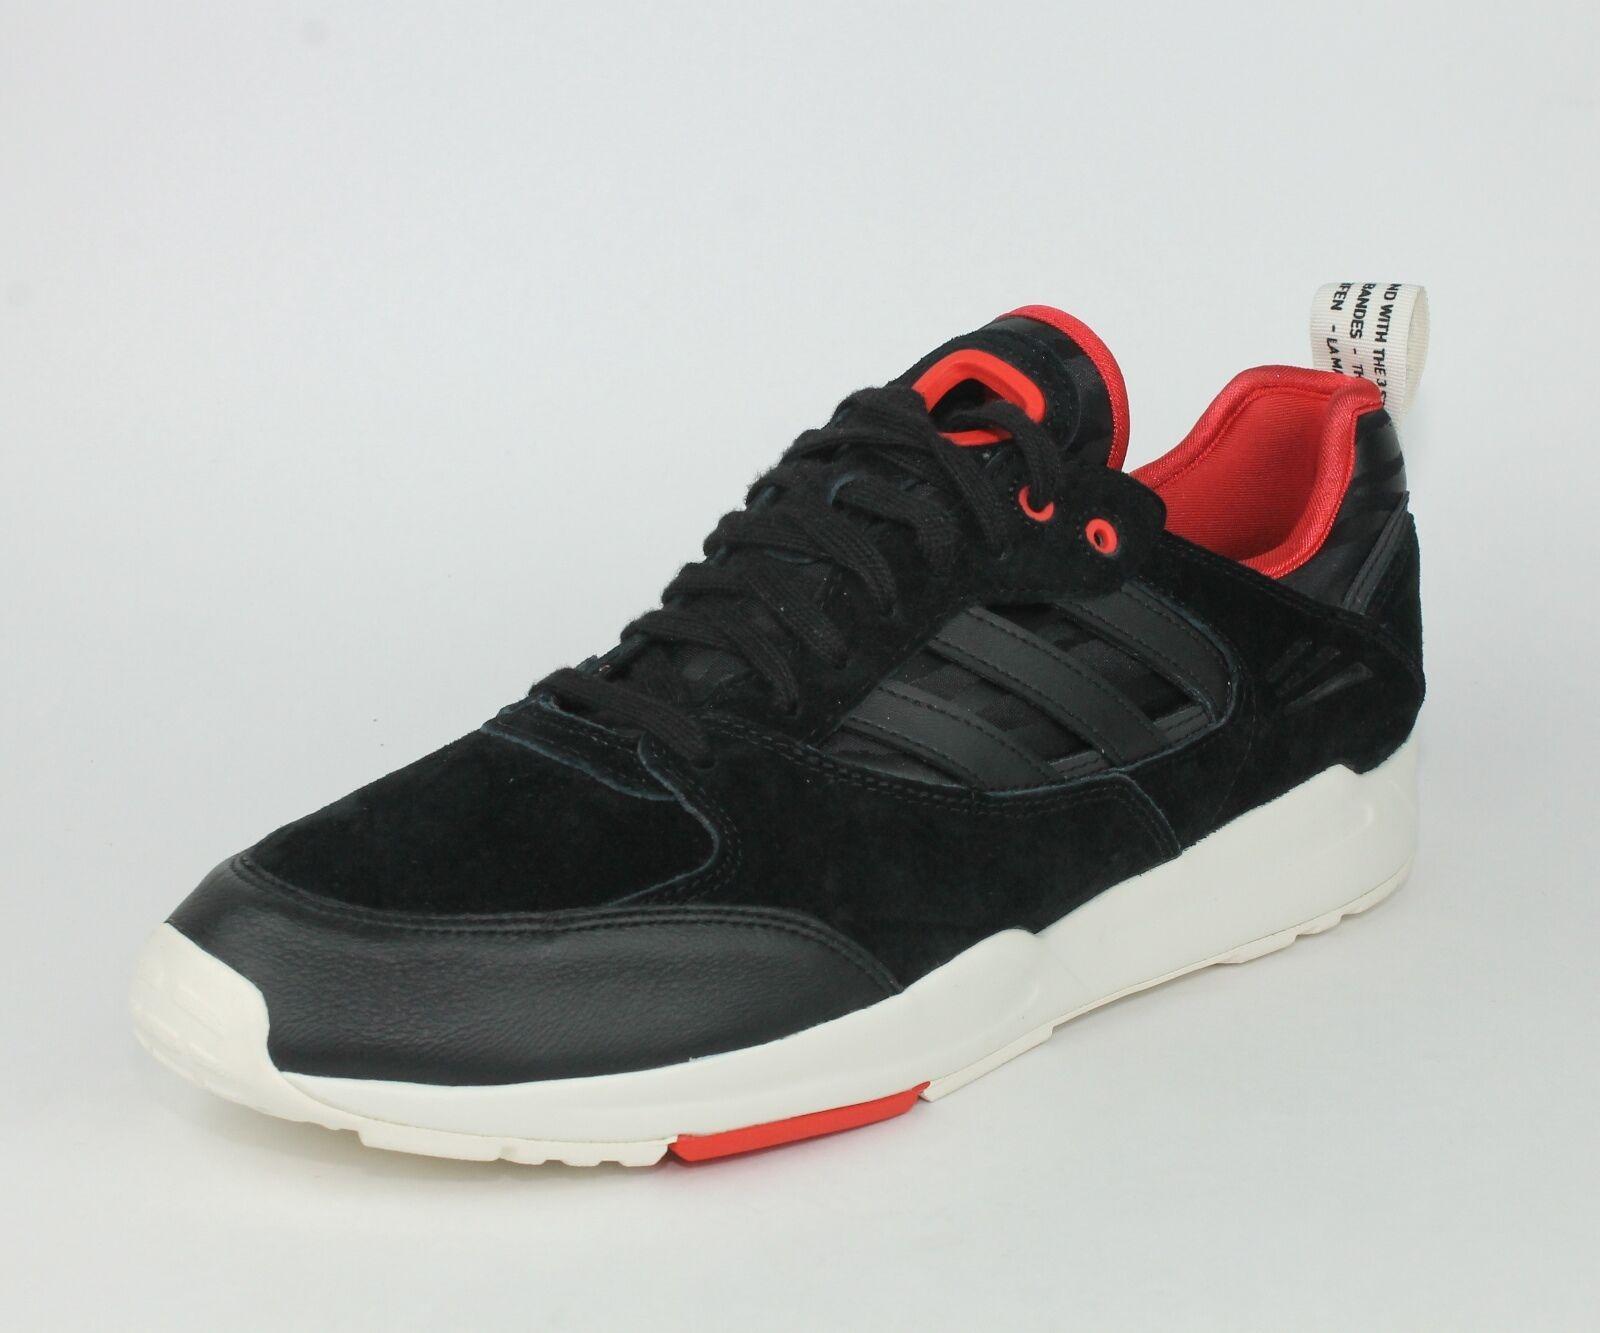 Adidas originali rosso tecnologia super 2.0 scarpe rosso originali - bianco - nero m25155 nuove dimensioni 12 07a6be